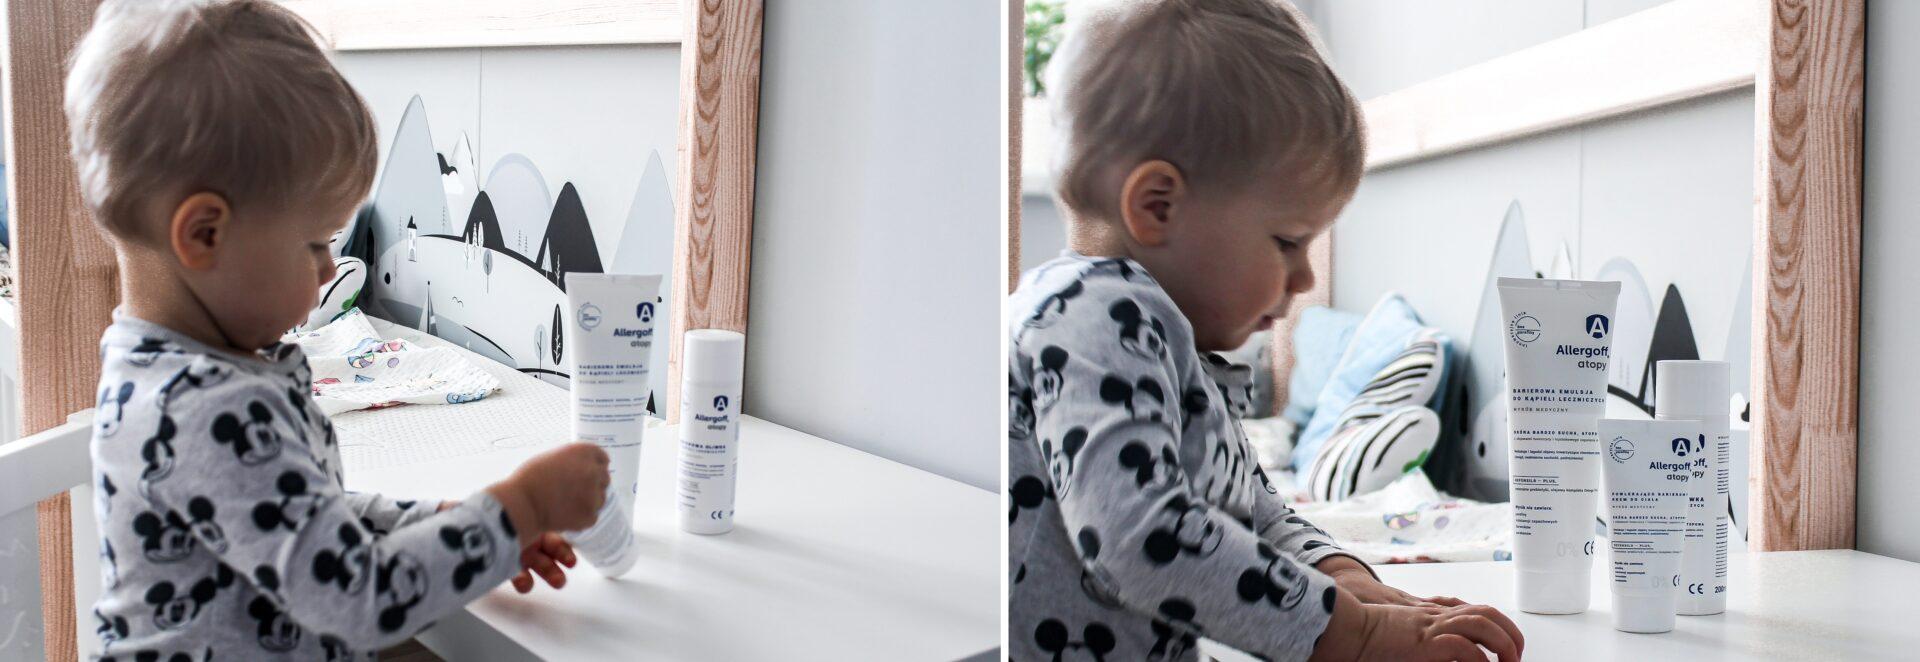 jak dbać o skórę dziecka z azs